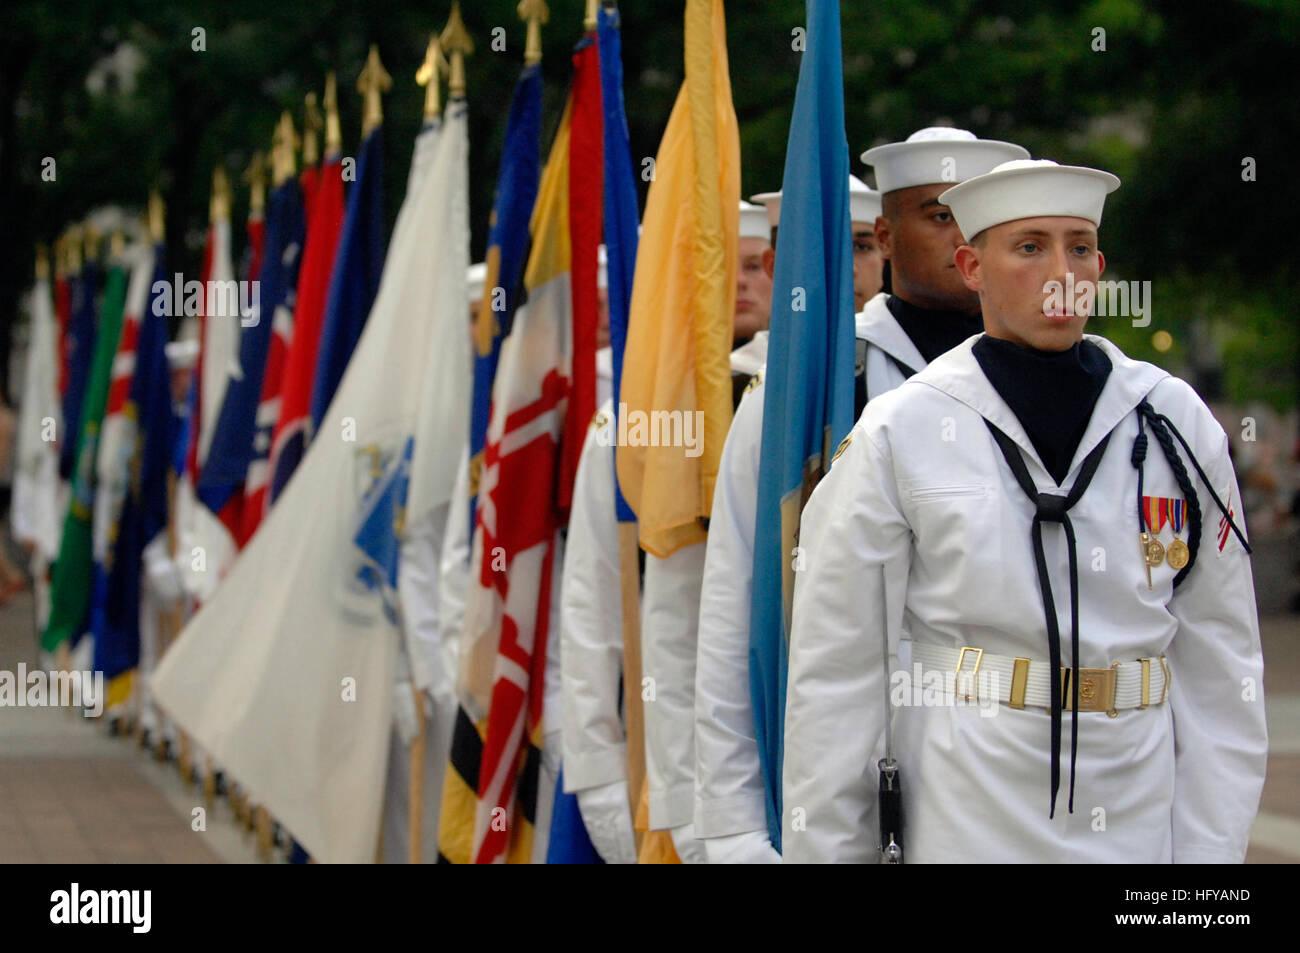 100720-N-4930E-517 (Washington, 20 de julio de 2010) Los miembros de la Marina de los EE.UU. espera la Guardia Ceremonial Foto de stock